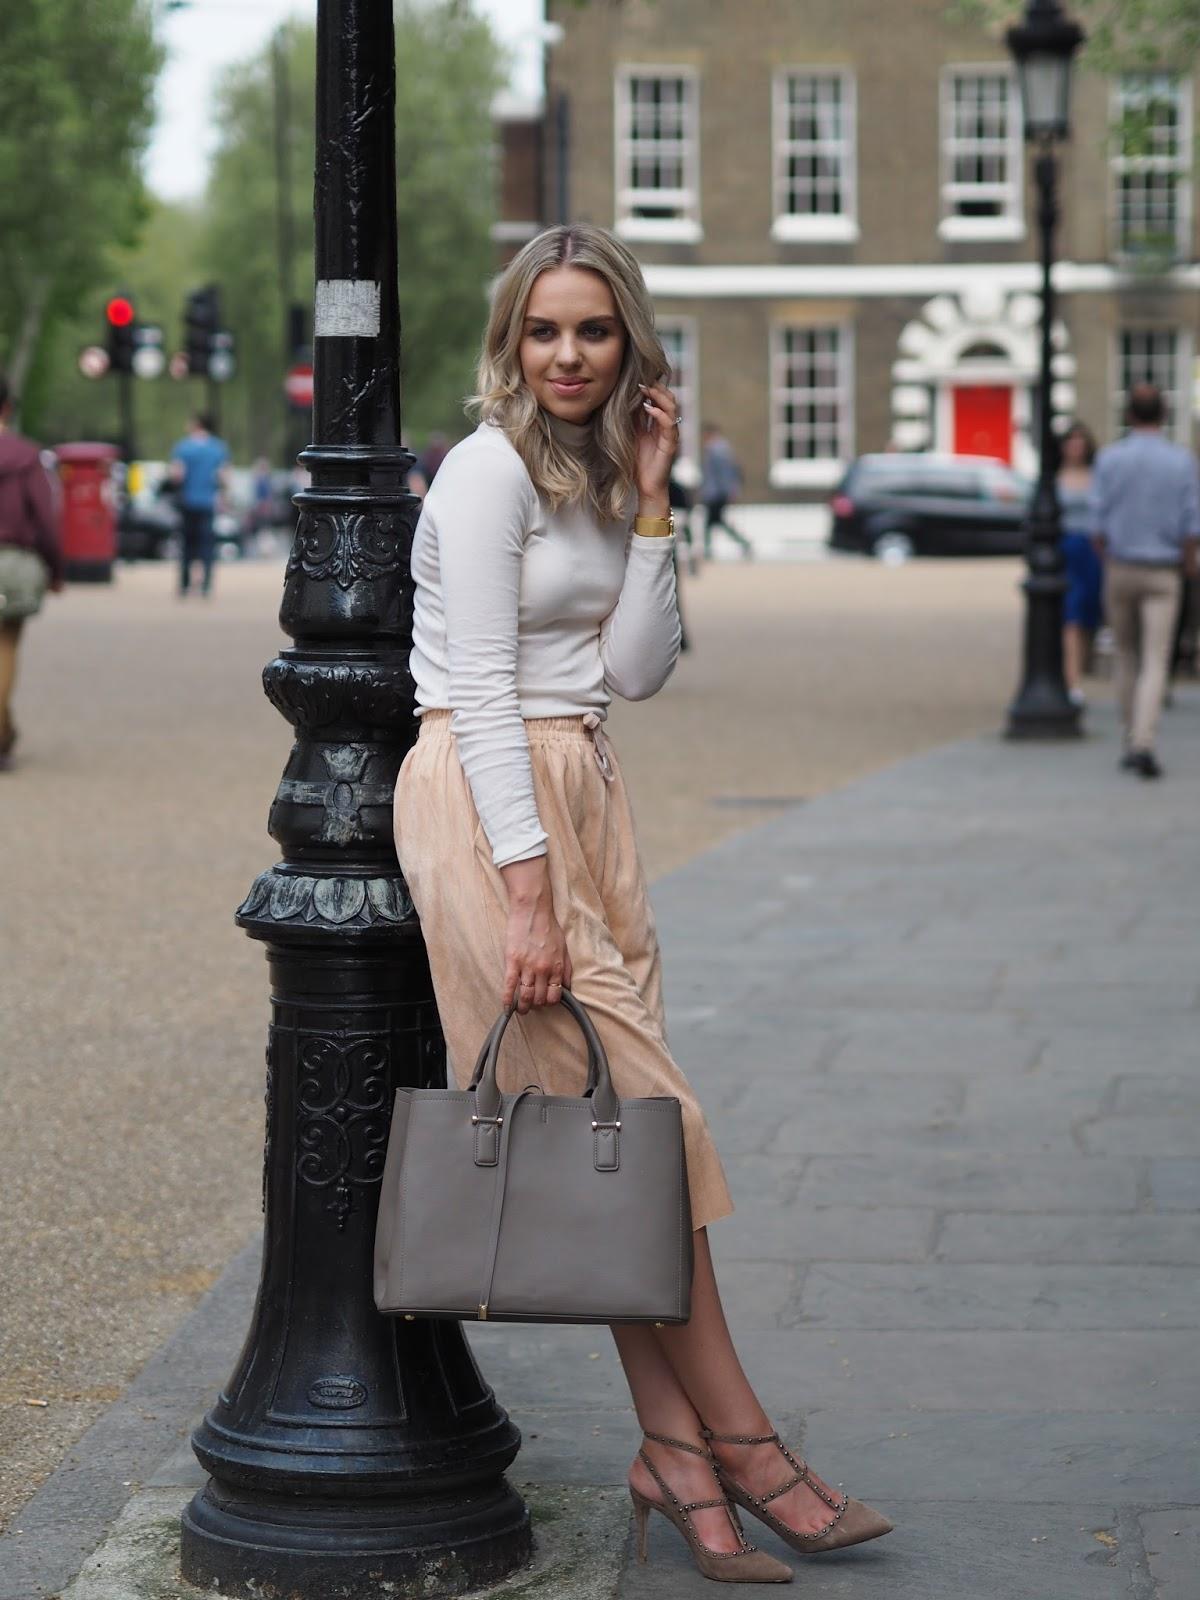 Ellie Adams - The Elle Next Door